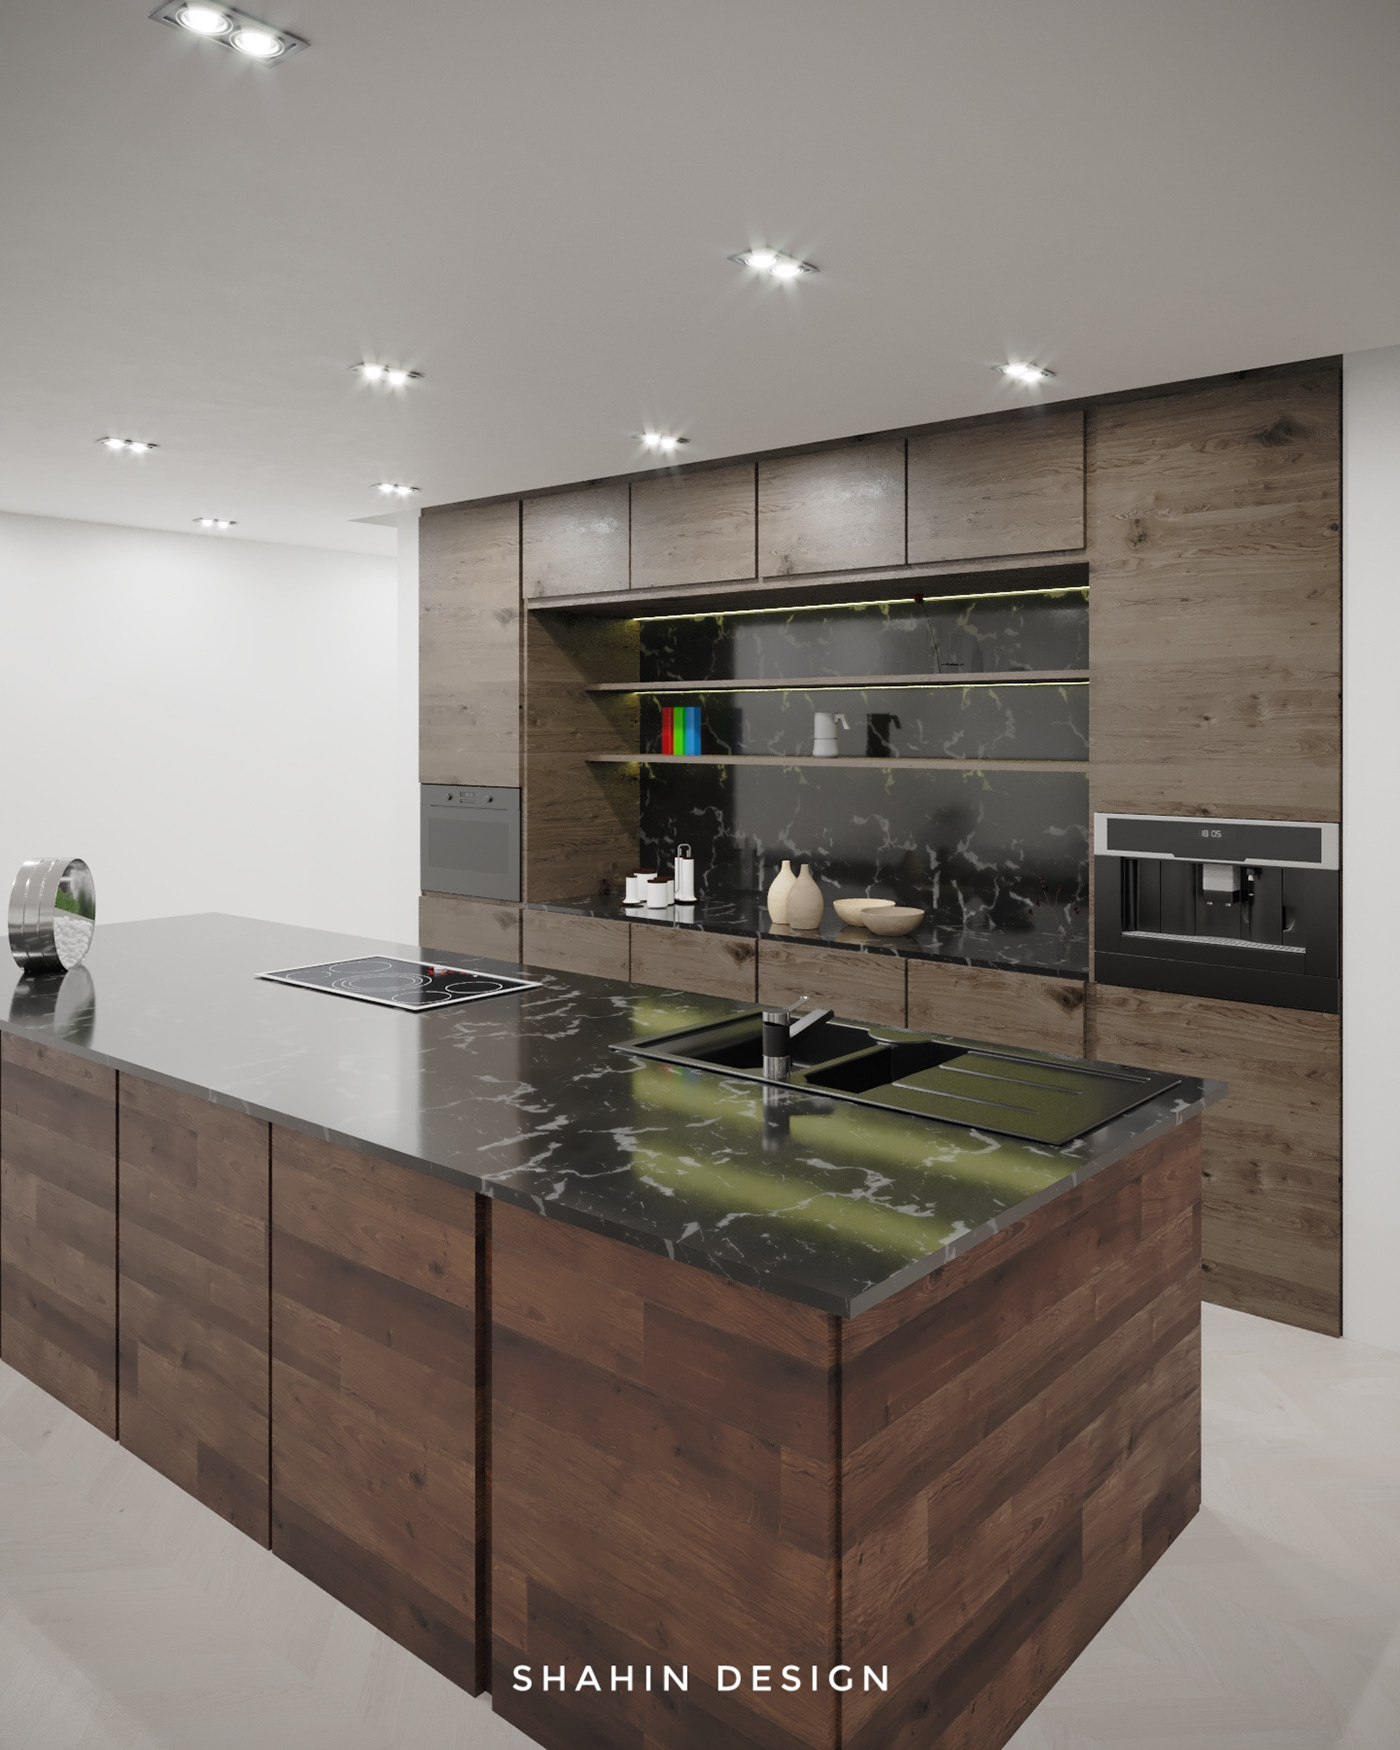 architectural design architecture archviz cg artist interior design  LOFT DESIGN Modern Design